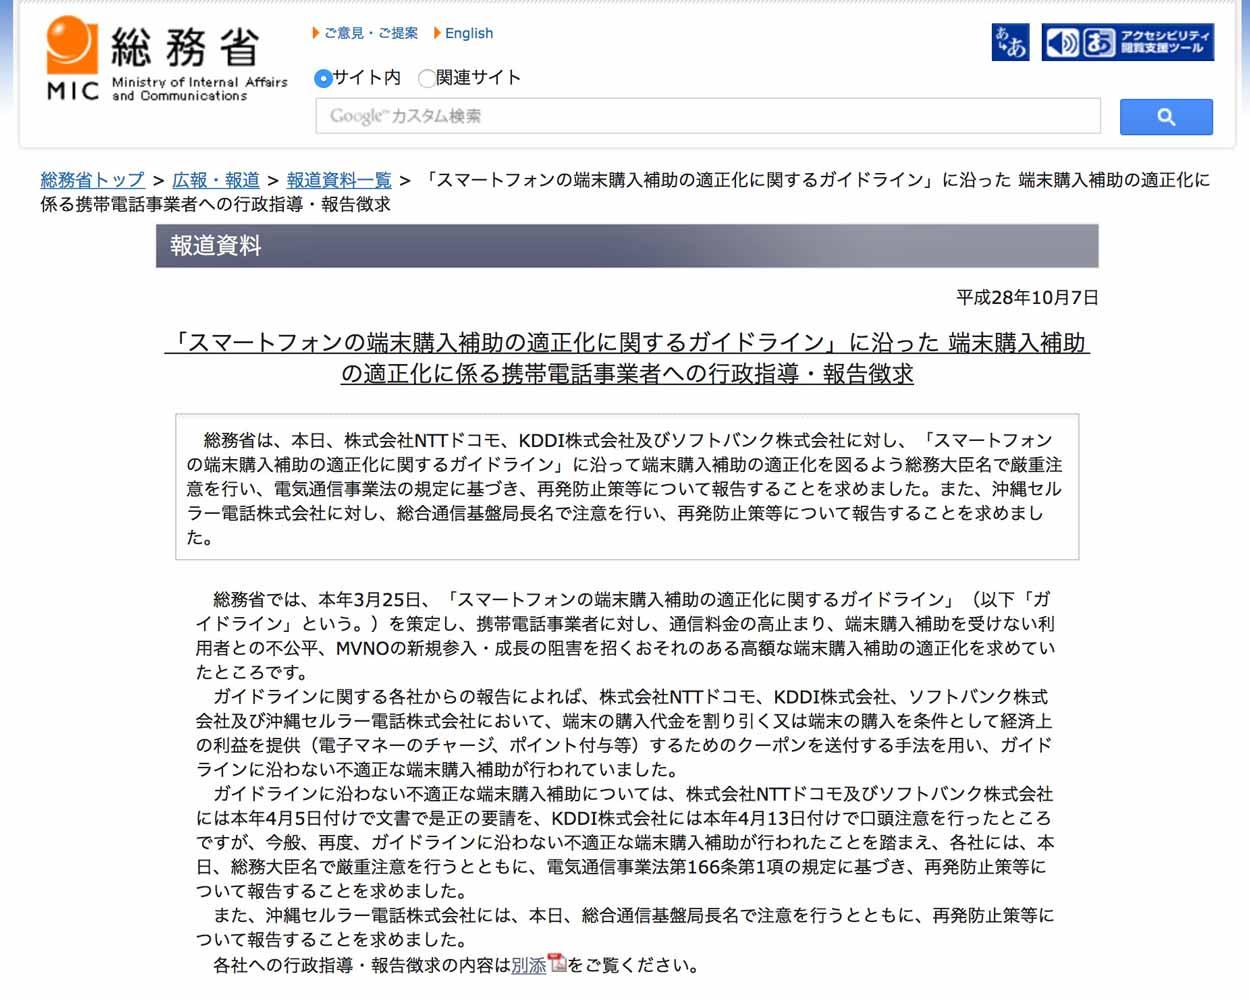 総務省、ドコモ、KDDI、ソフトバンクに対して行政指導 〜 「実質ゼロ円」販売で